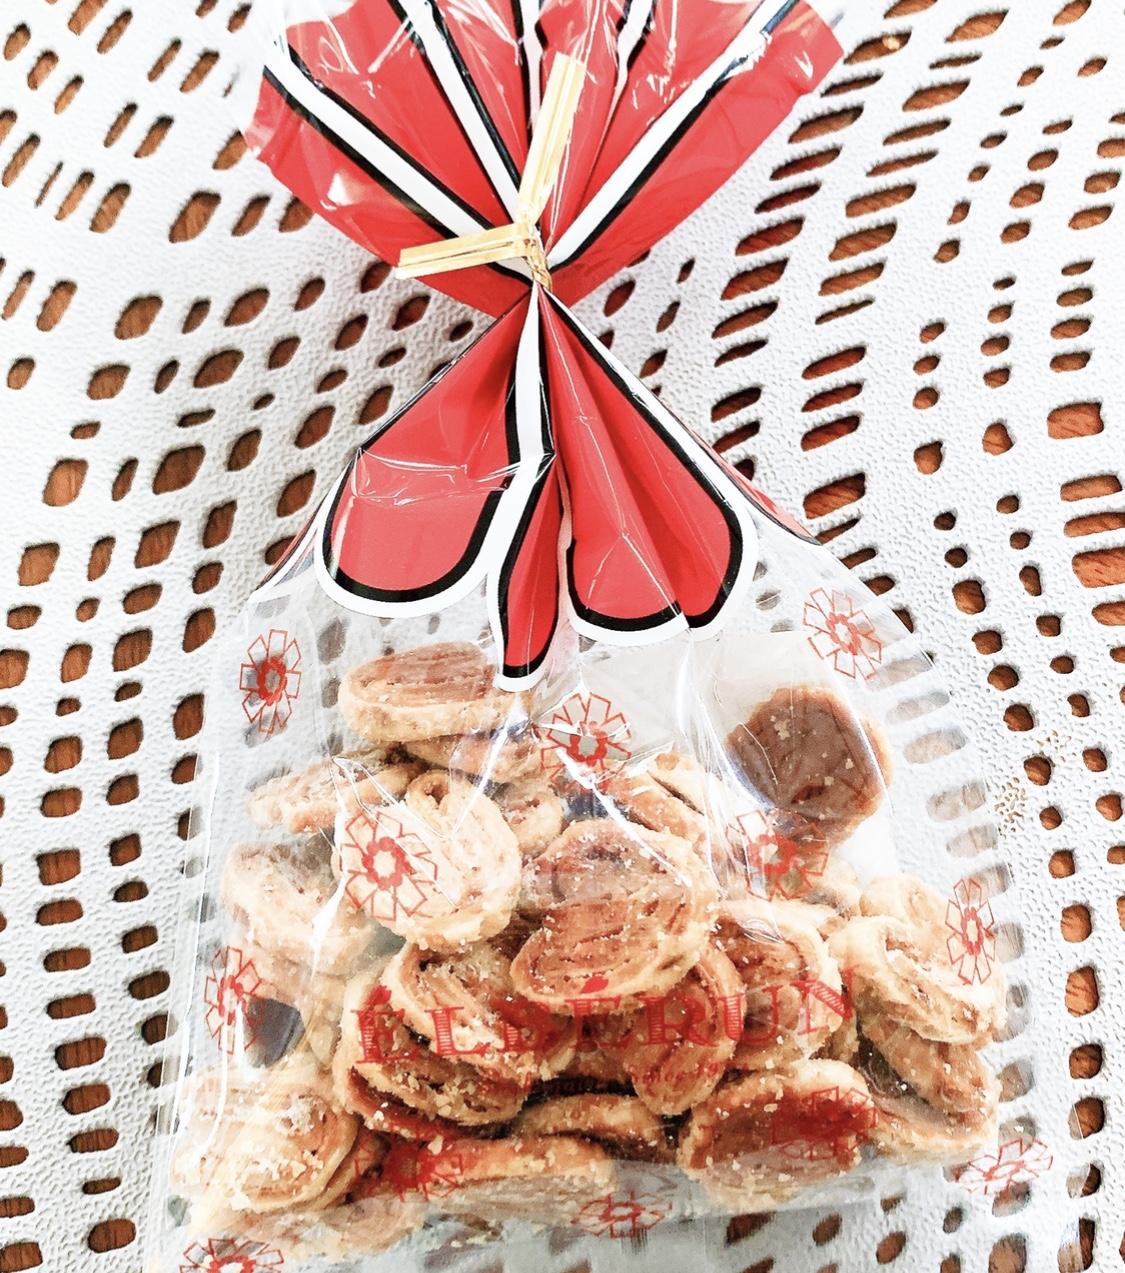 セレブ御用達【夙川】エルベランのクッキー【おもたせ お土産 手土産】_3